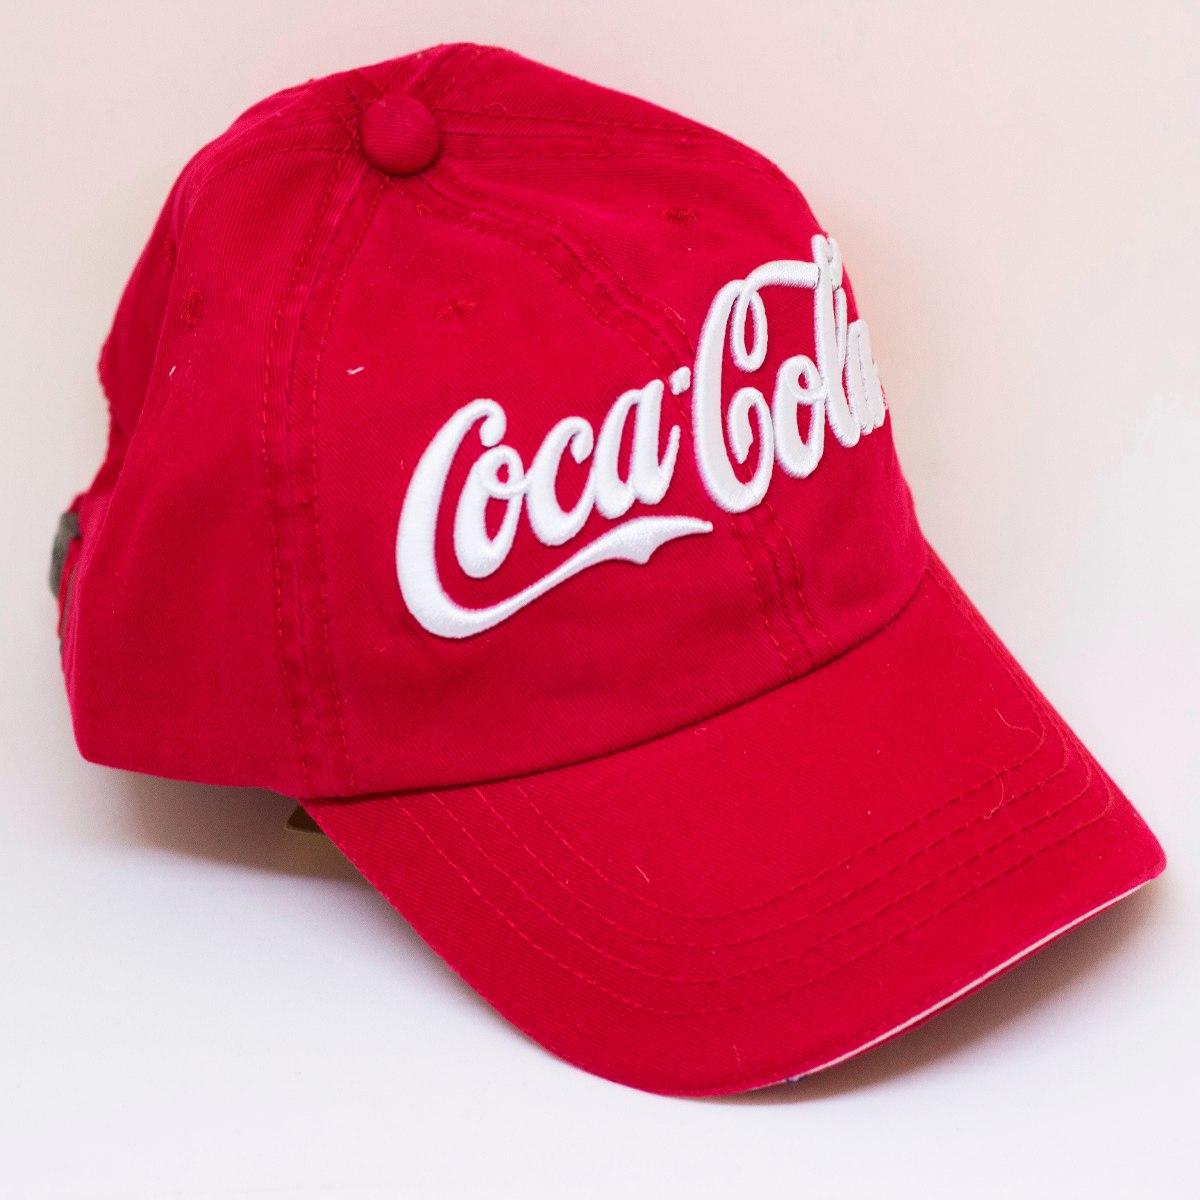 boné masculino coca-cola - original 021 vermelho. Carregando zoom. bf3d4169f4d